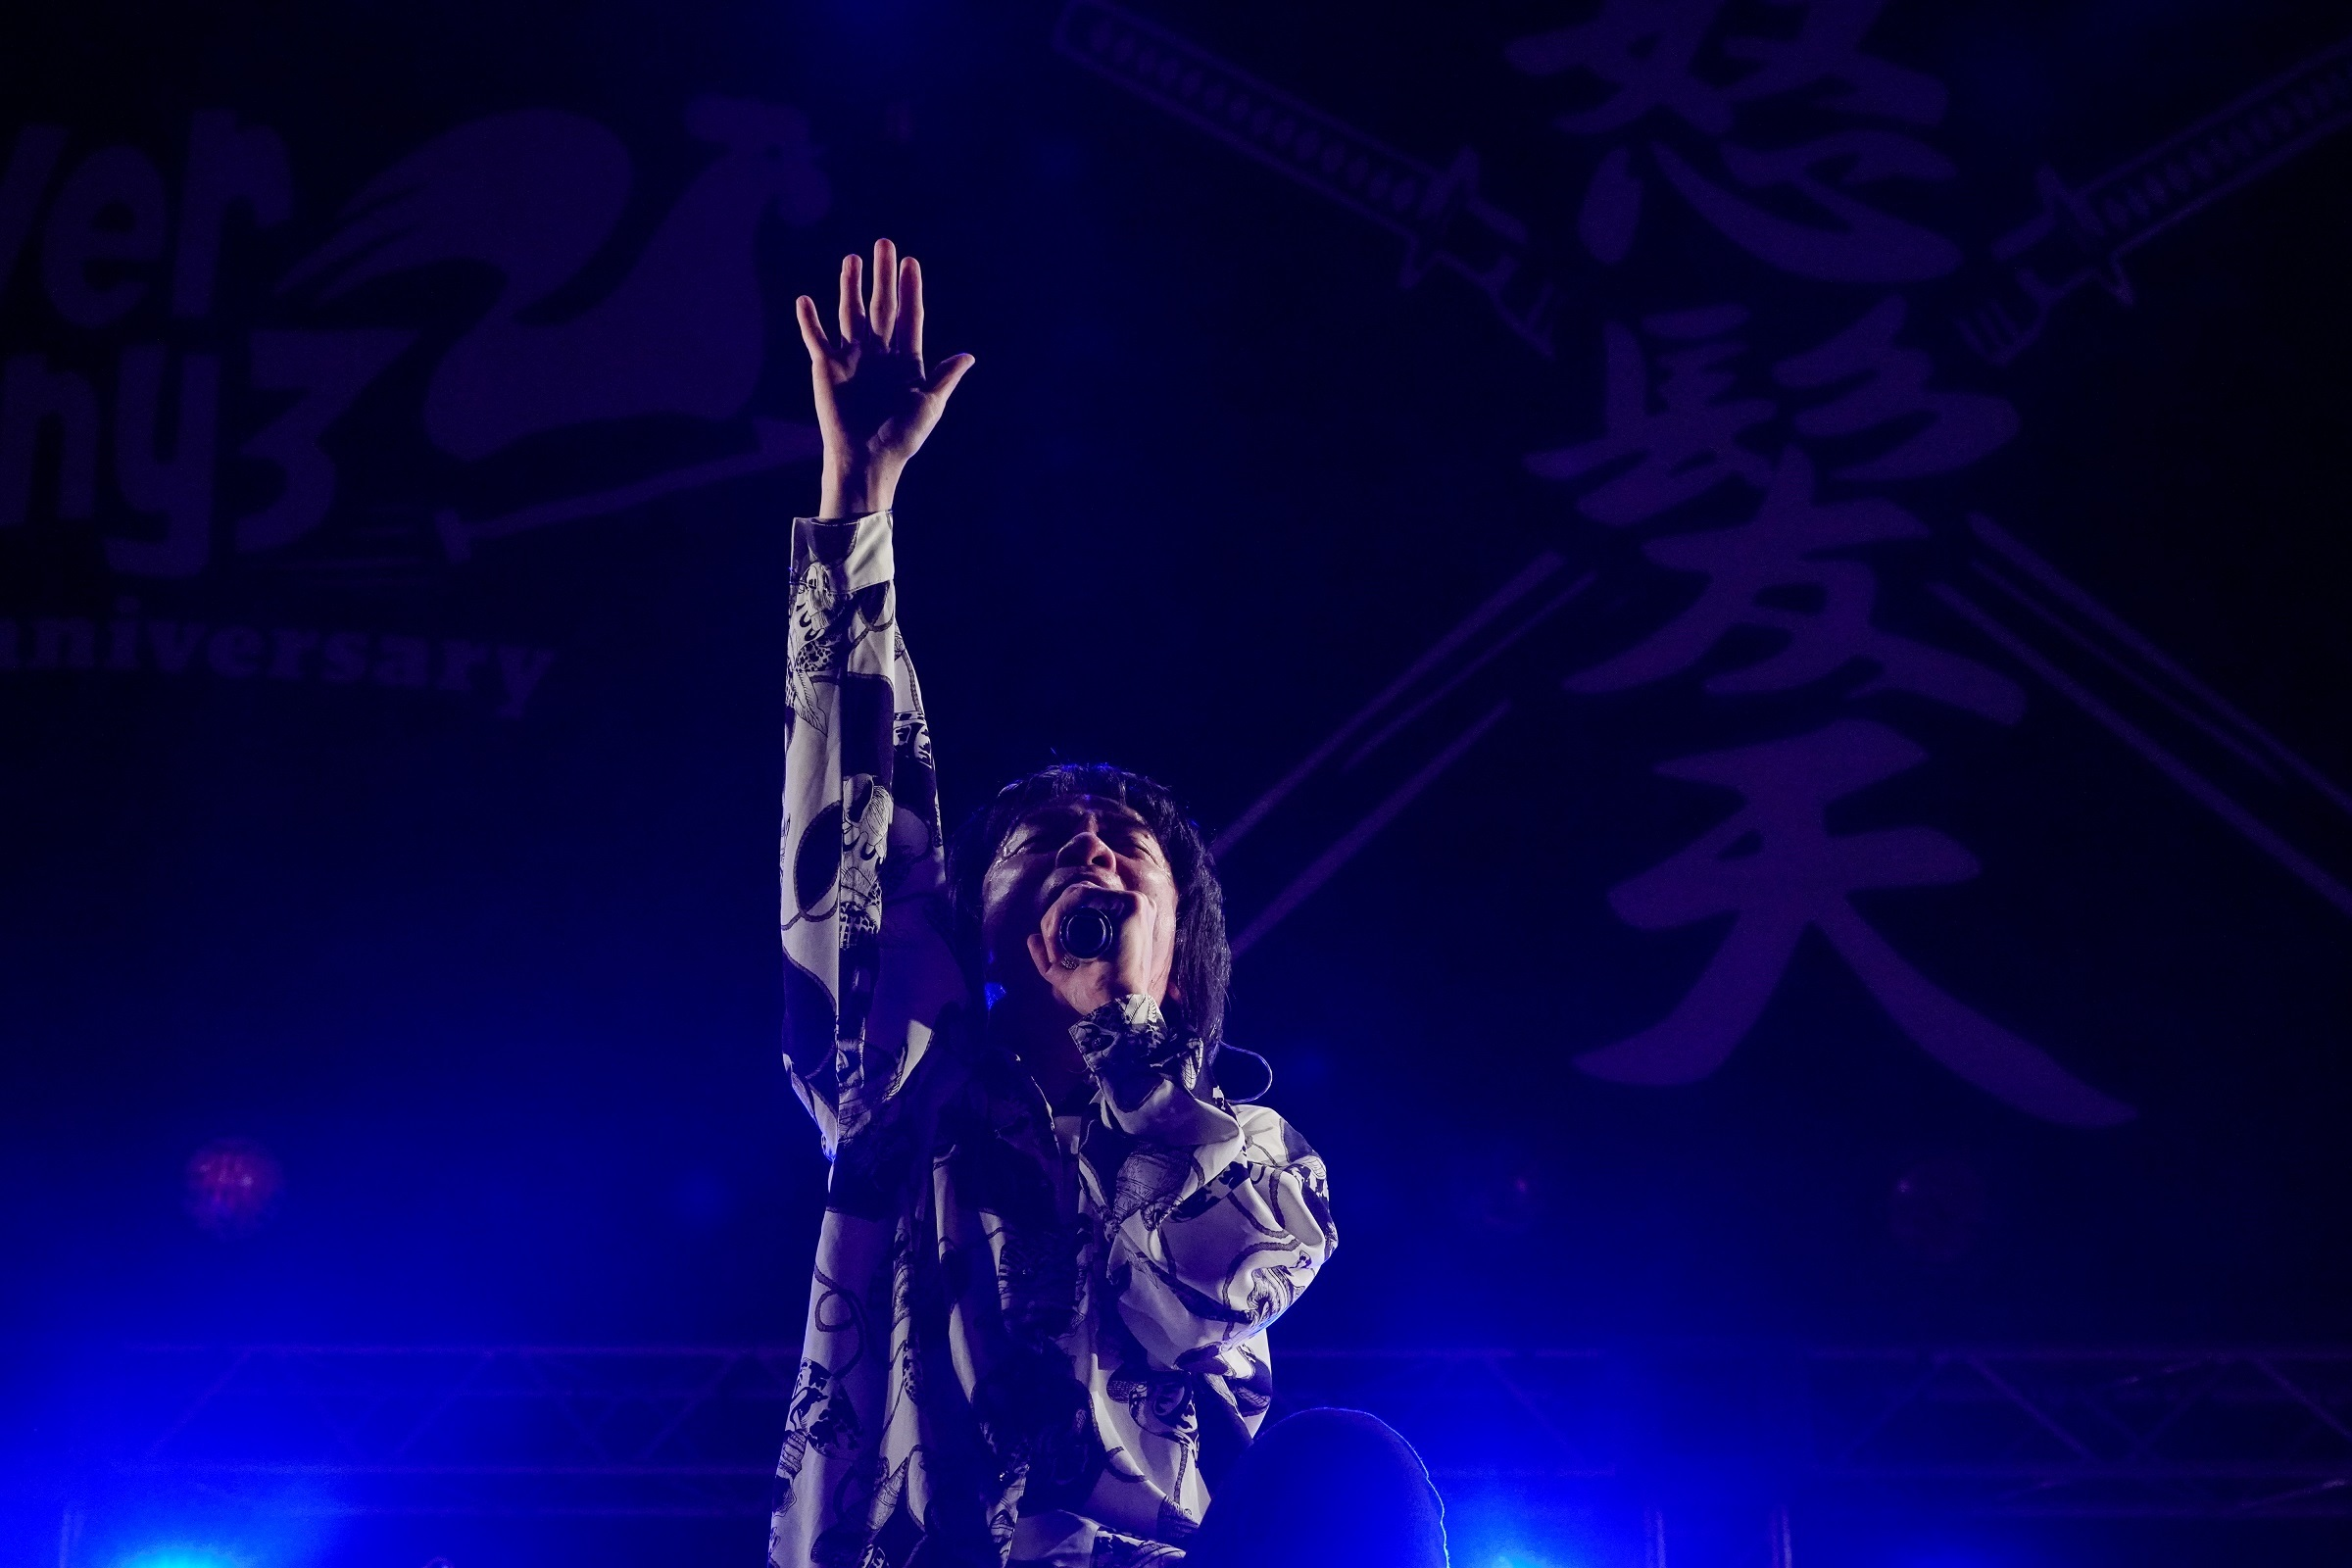 鈴木圭介(フラワーカンパニーズ / Vo)